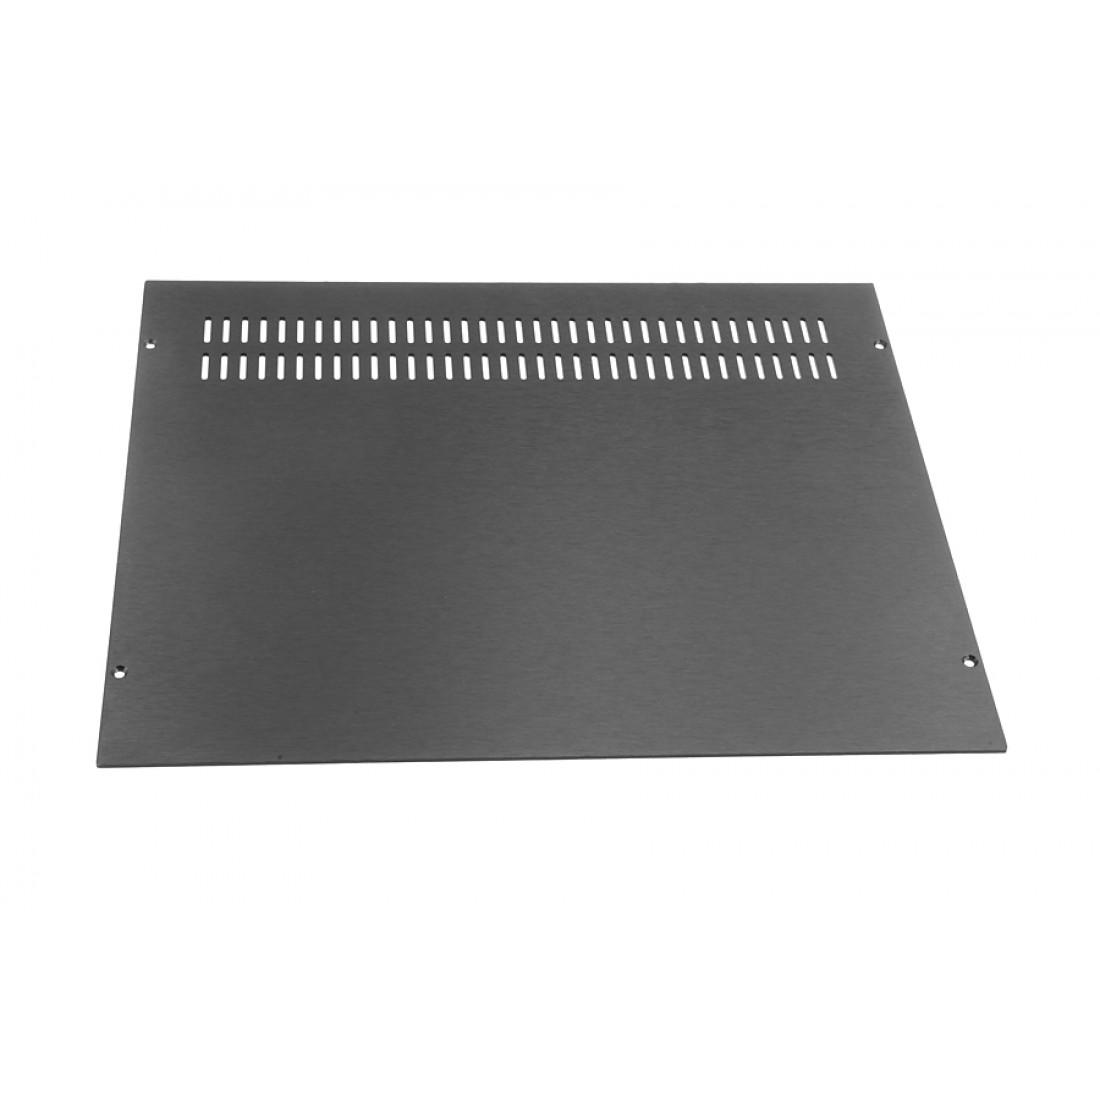 1NGXA388N - 2U Galaxy-M, 330 x 280 x 80mm, 10mm panel černý